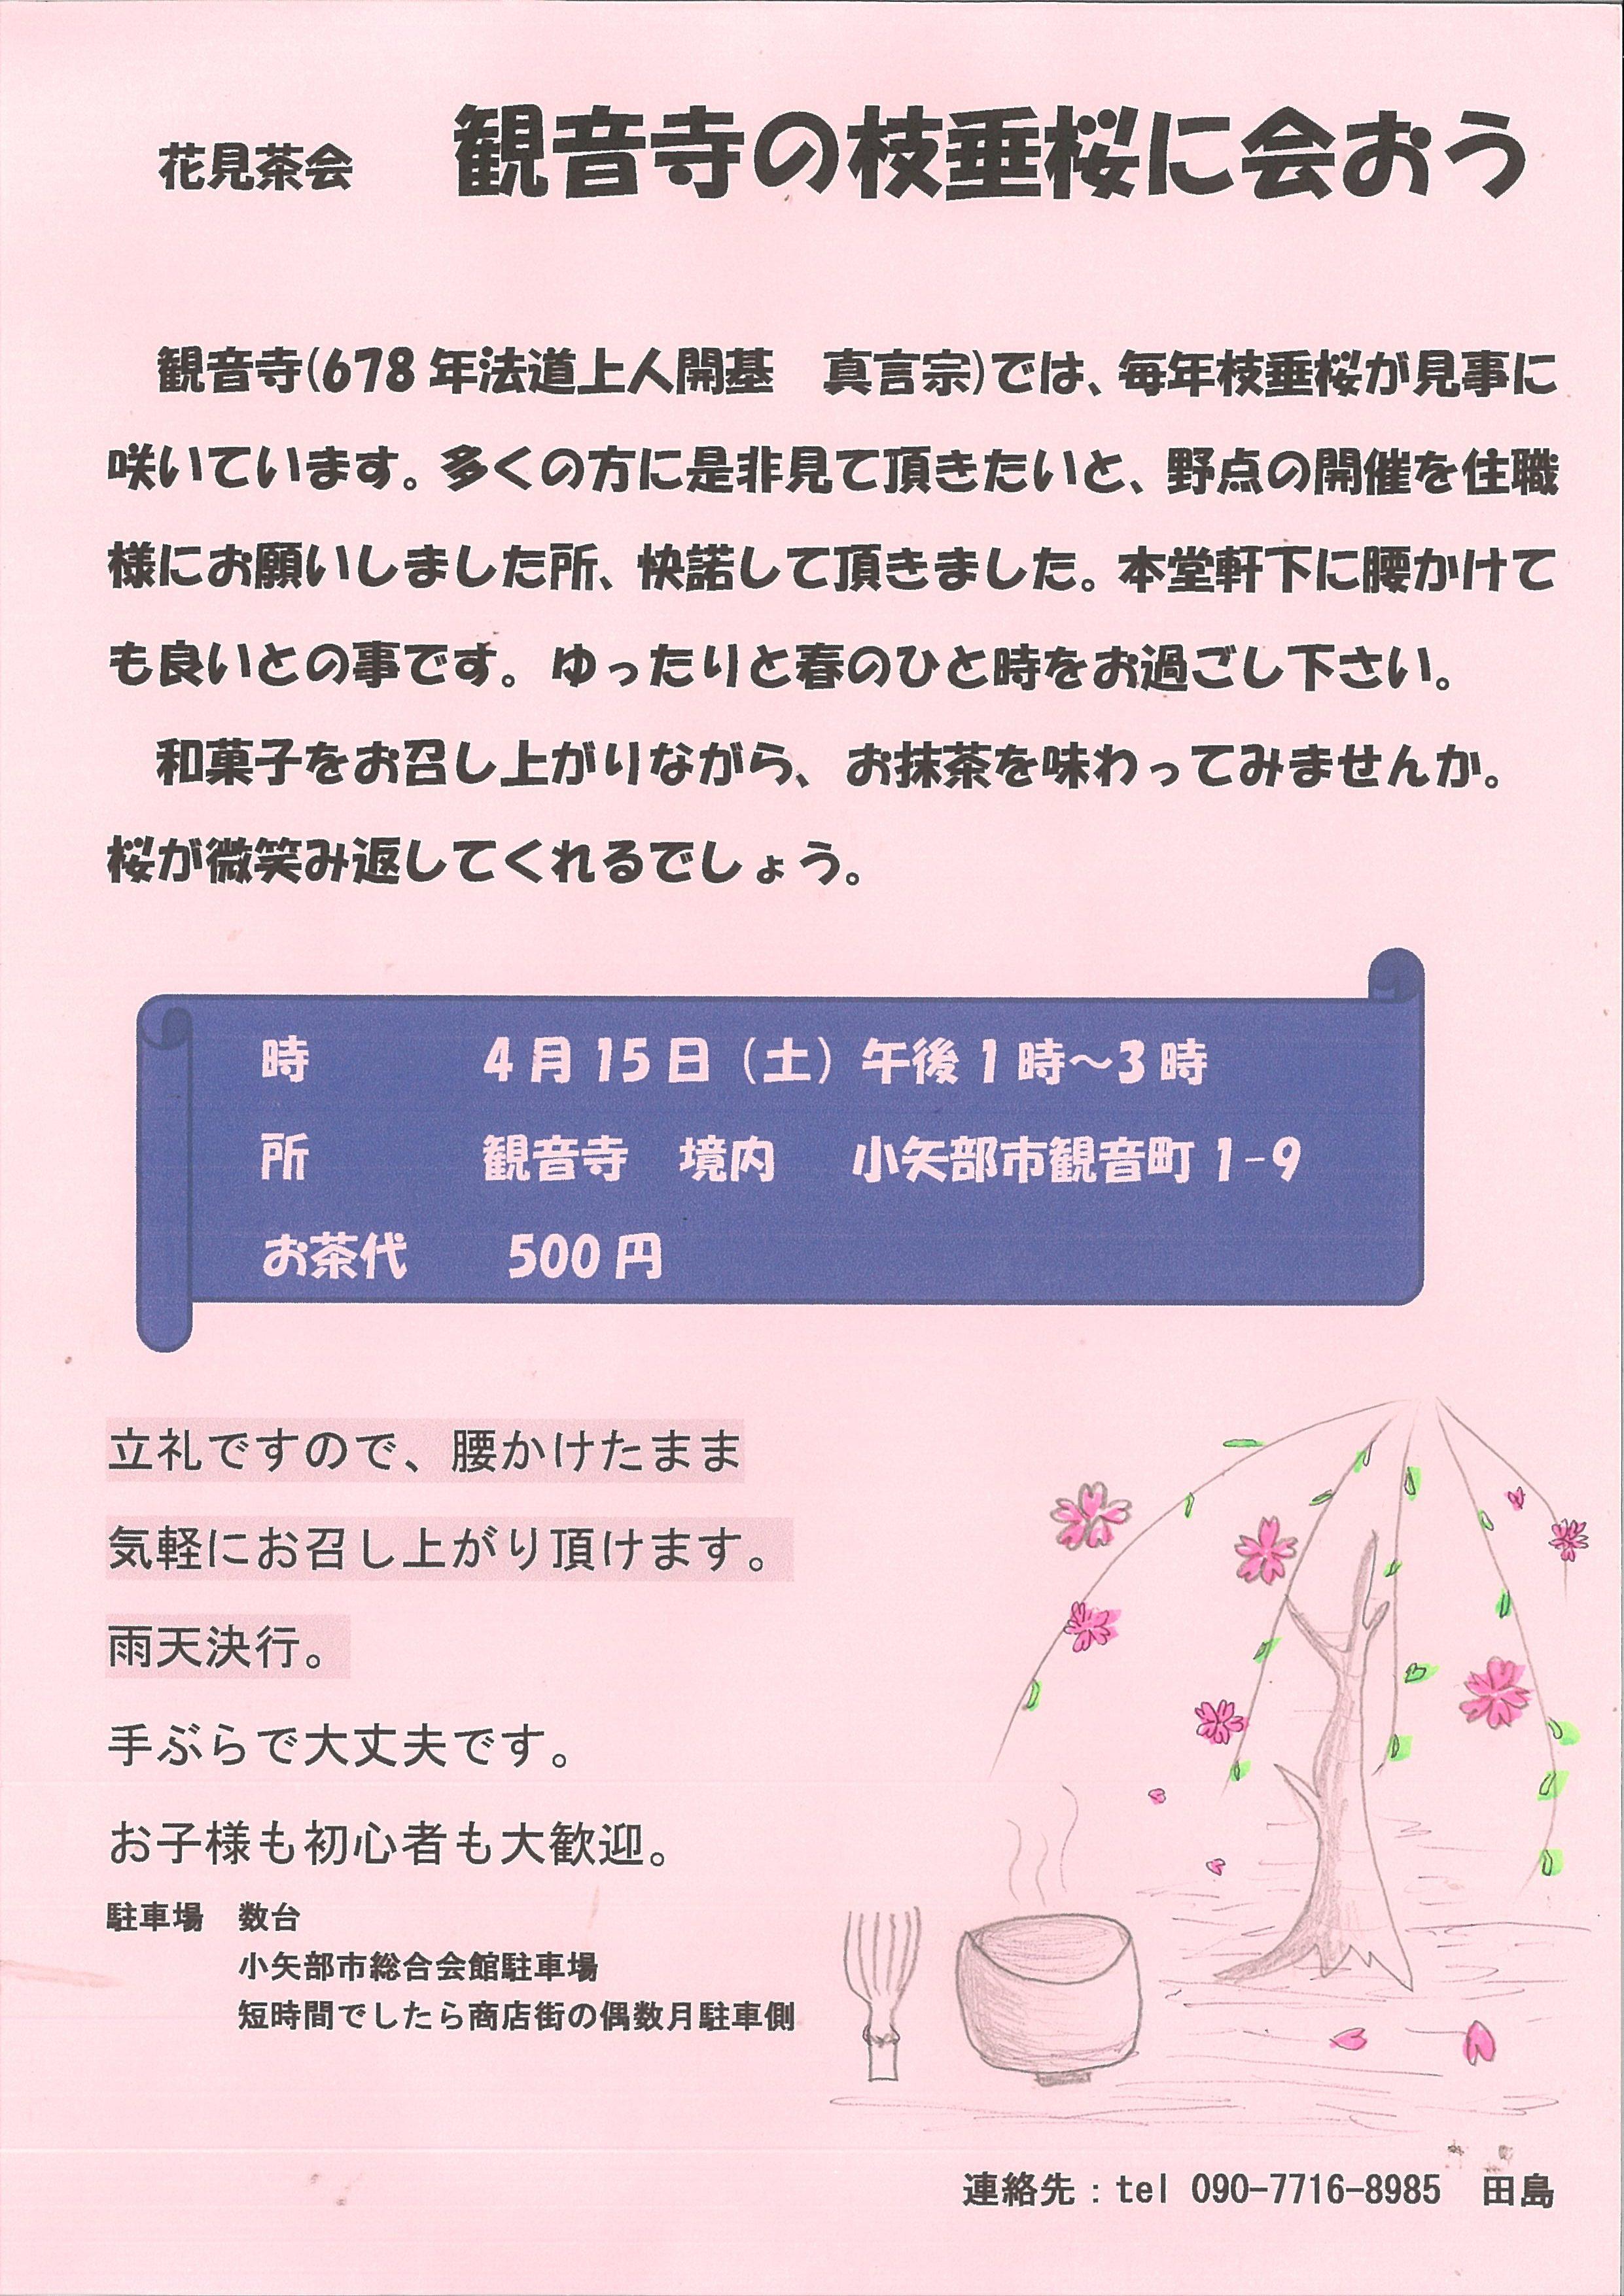 花見茶会 観音寺の枝垂桜に会おうtags[富山県]